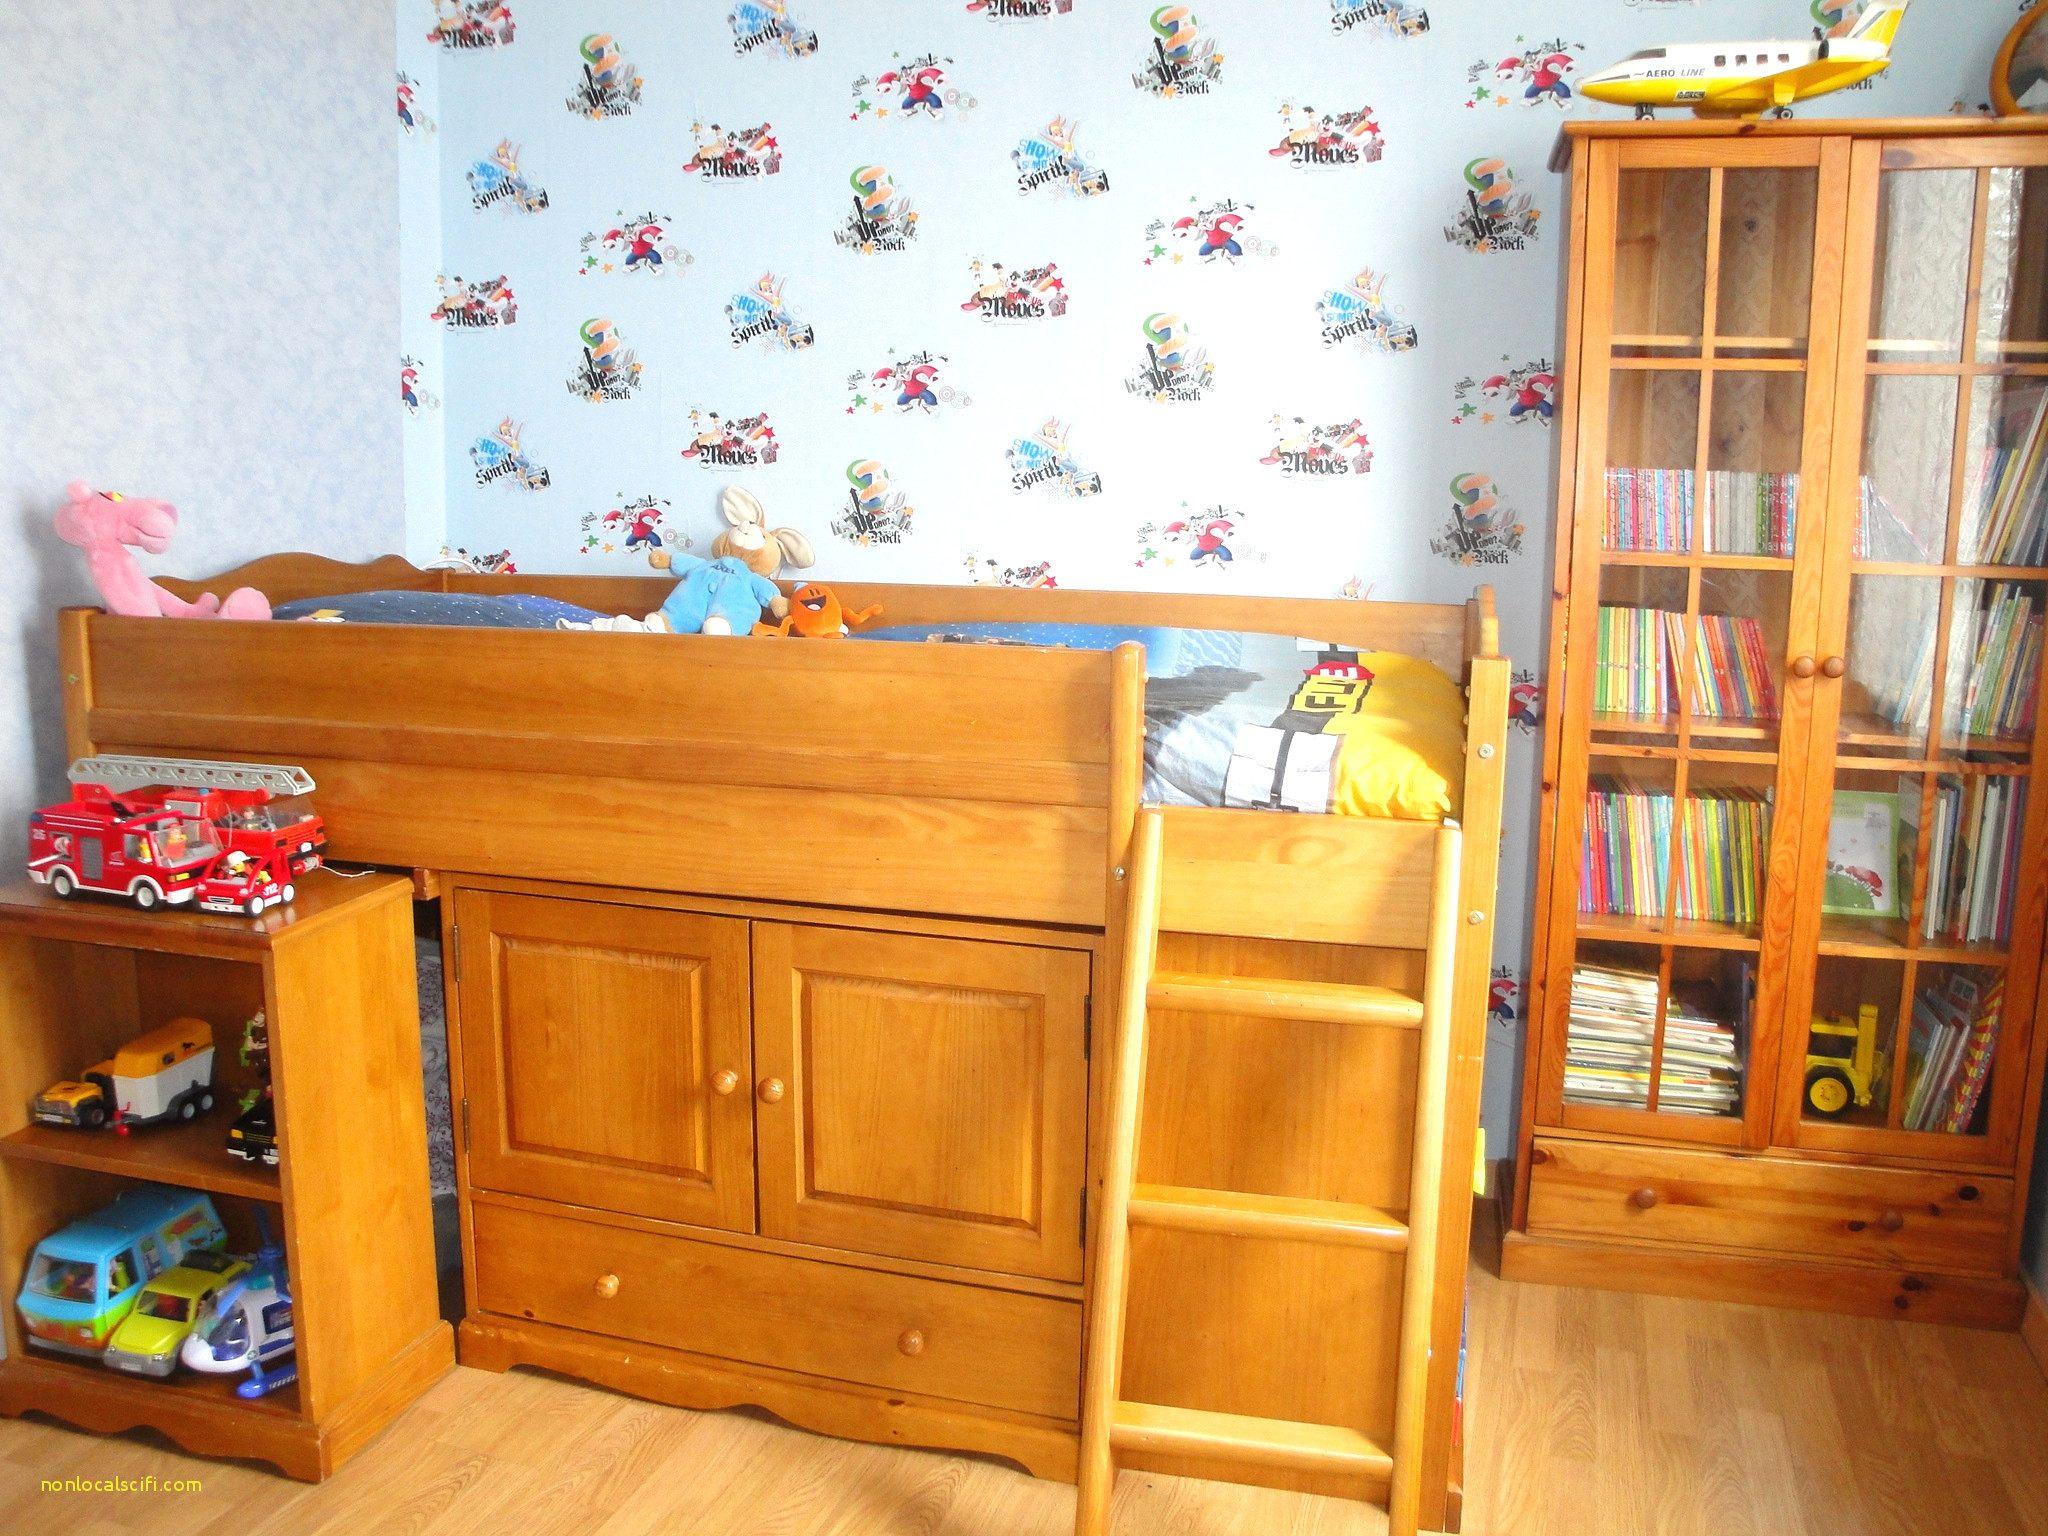 Lit Bebe Cabane Nouveau Adorable Cabane Pour Chambre Enfant Ou 25 Référence Cabane De Lit Le